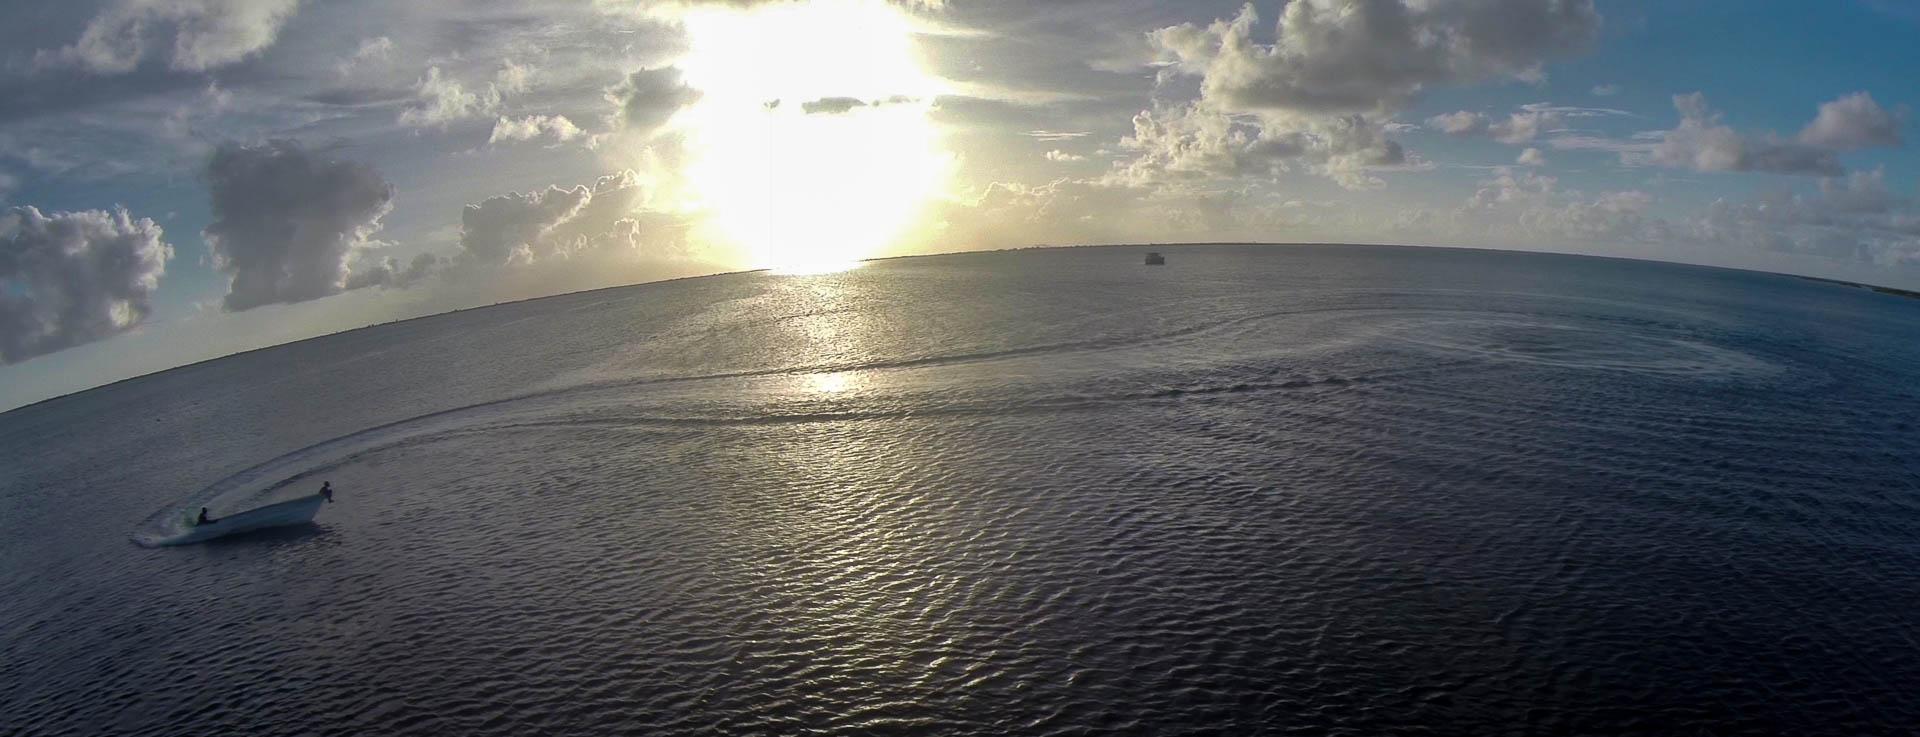 Kids doing donuts in Codrington Lagoon, Barbuda Island - video still, Tom Miller